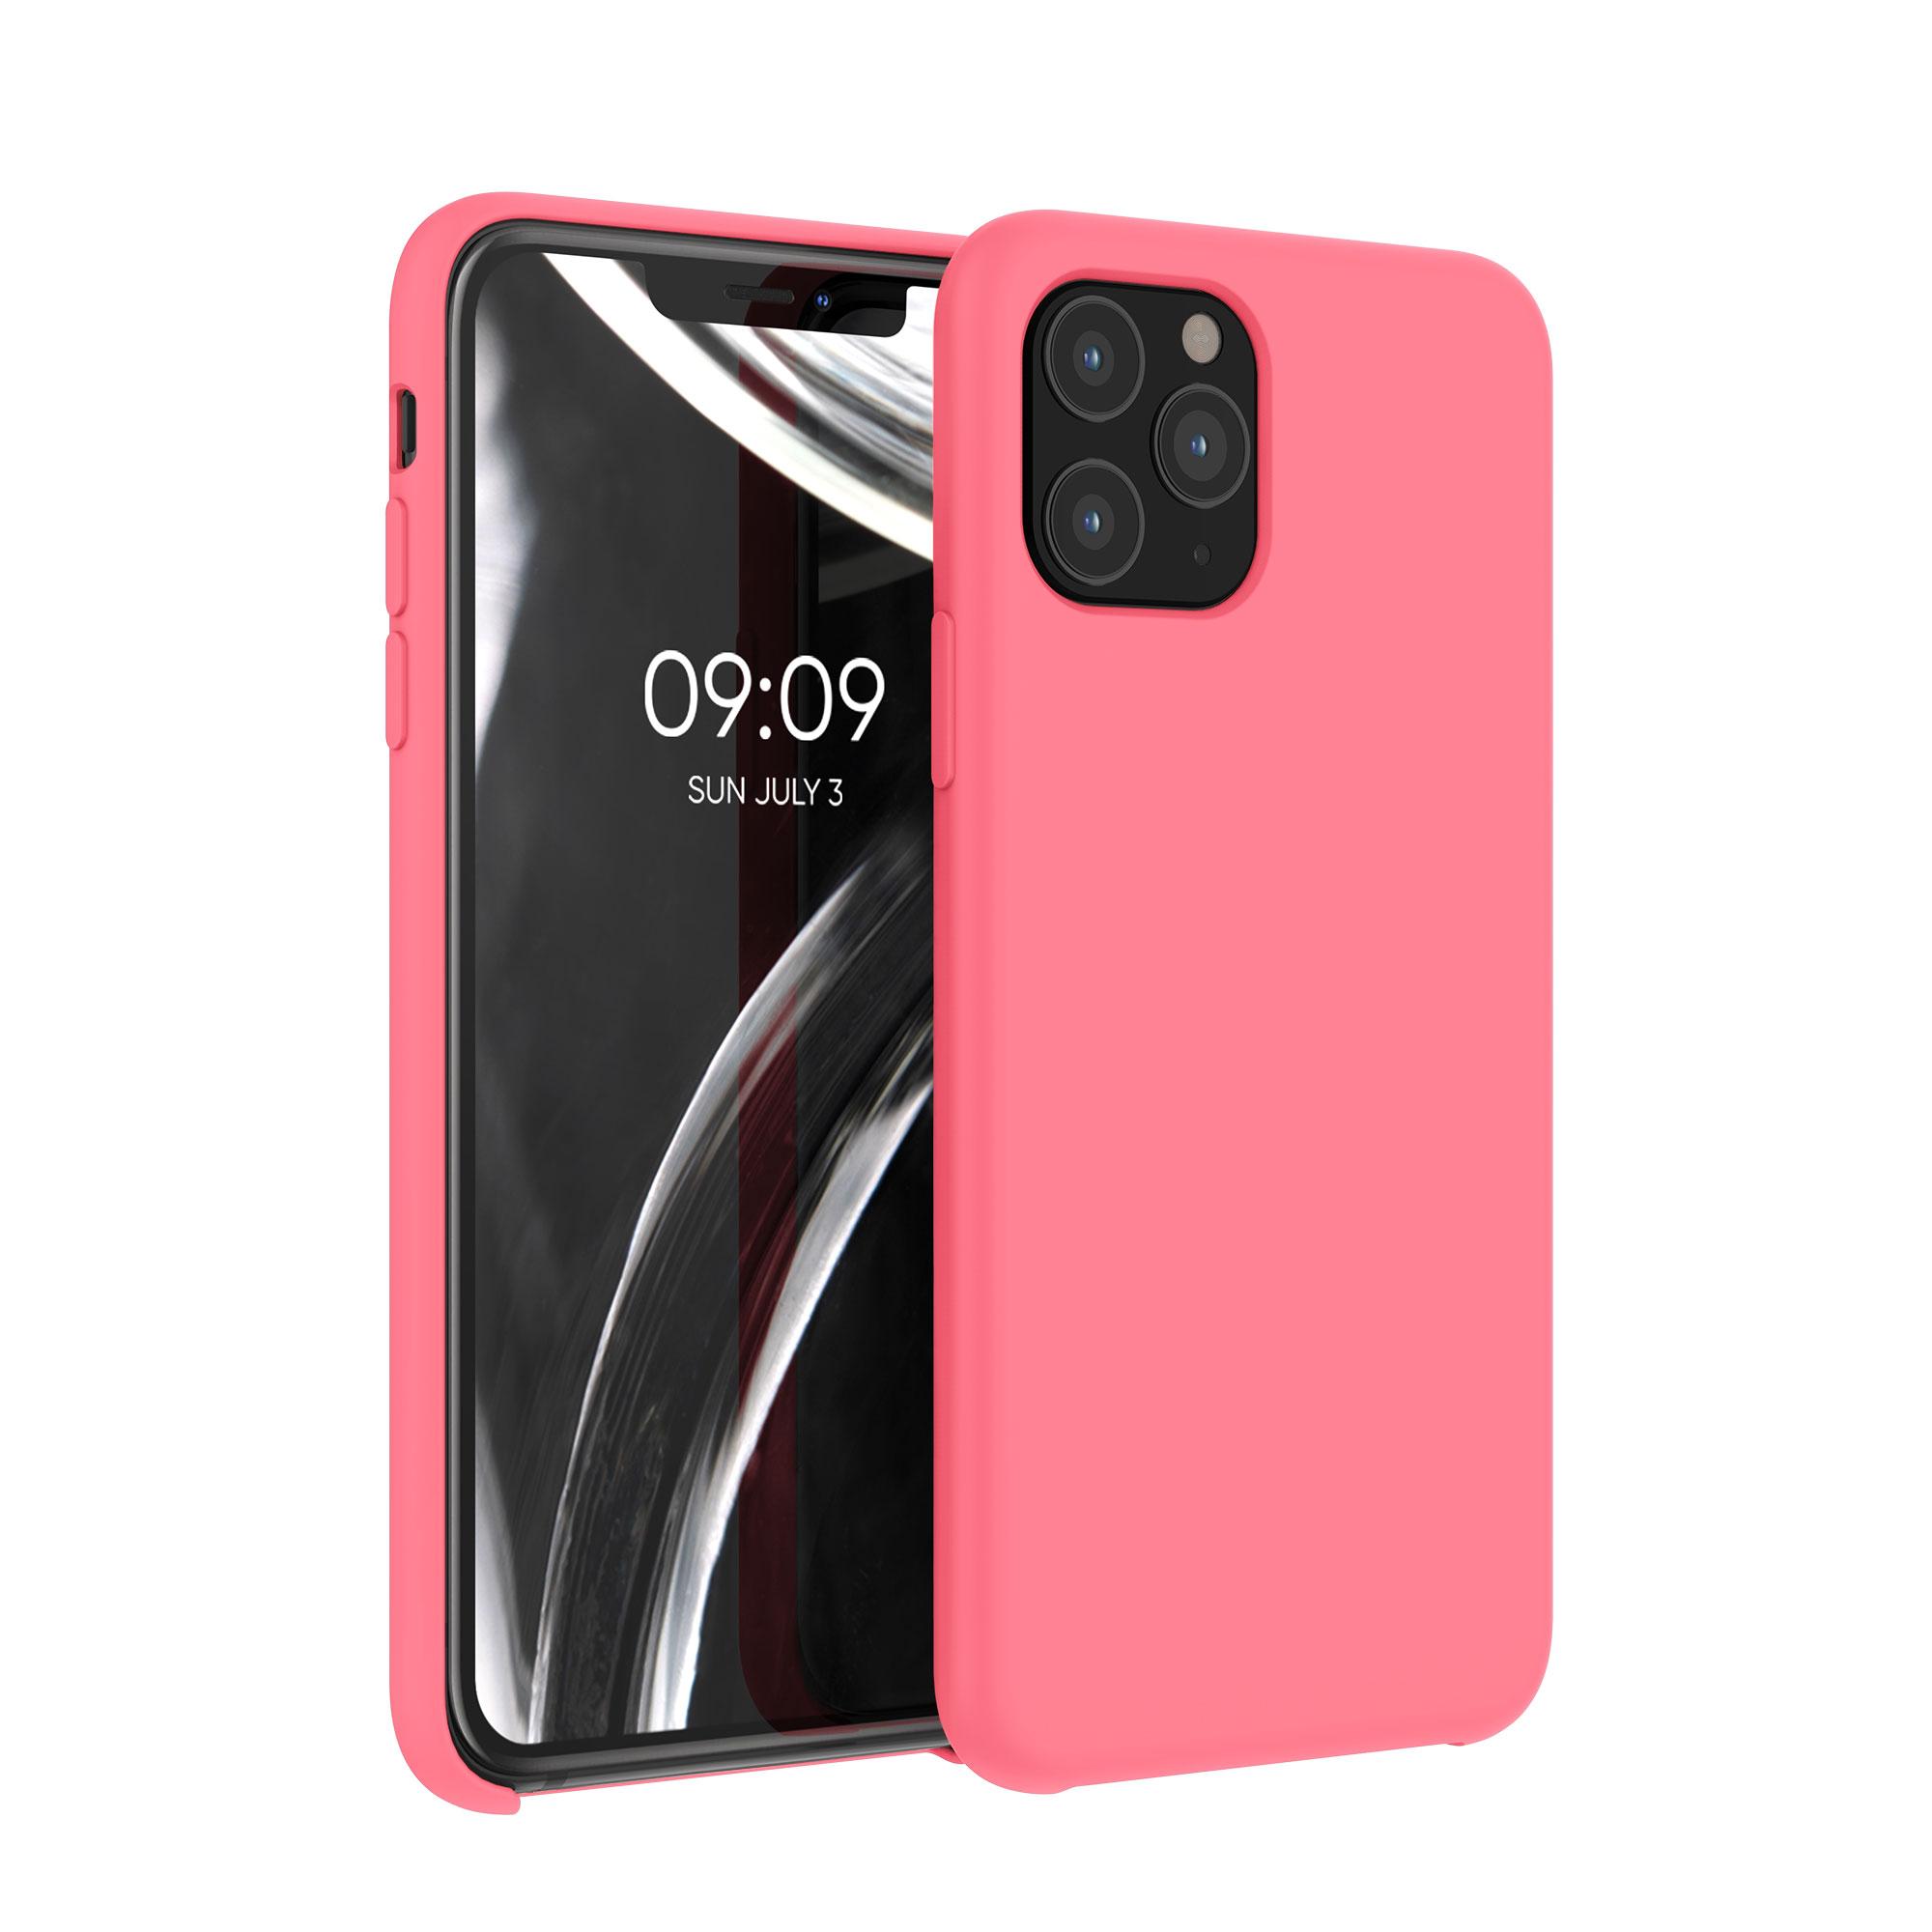 Kvalitní silikonové TPU pouzdro pro Apple iPhone 11 Pro - Neon Coral